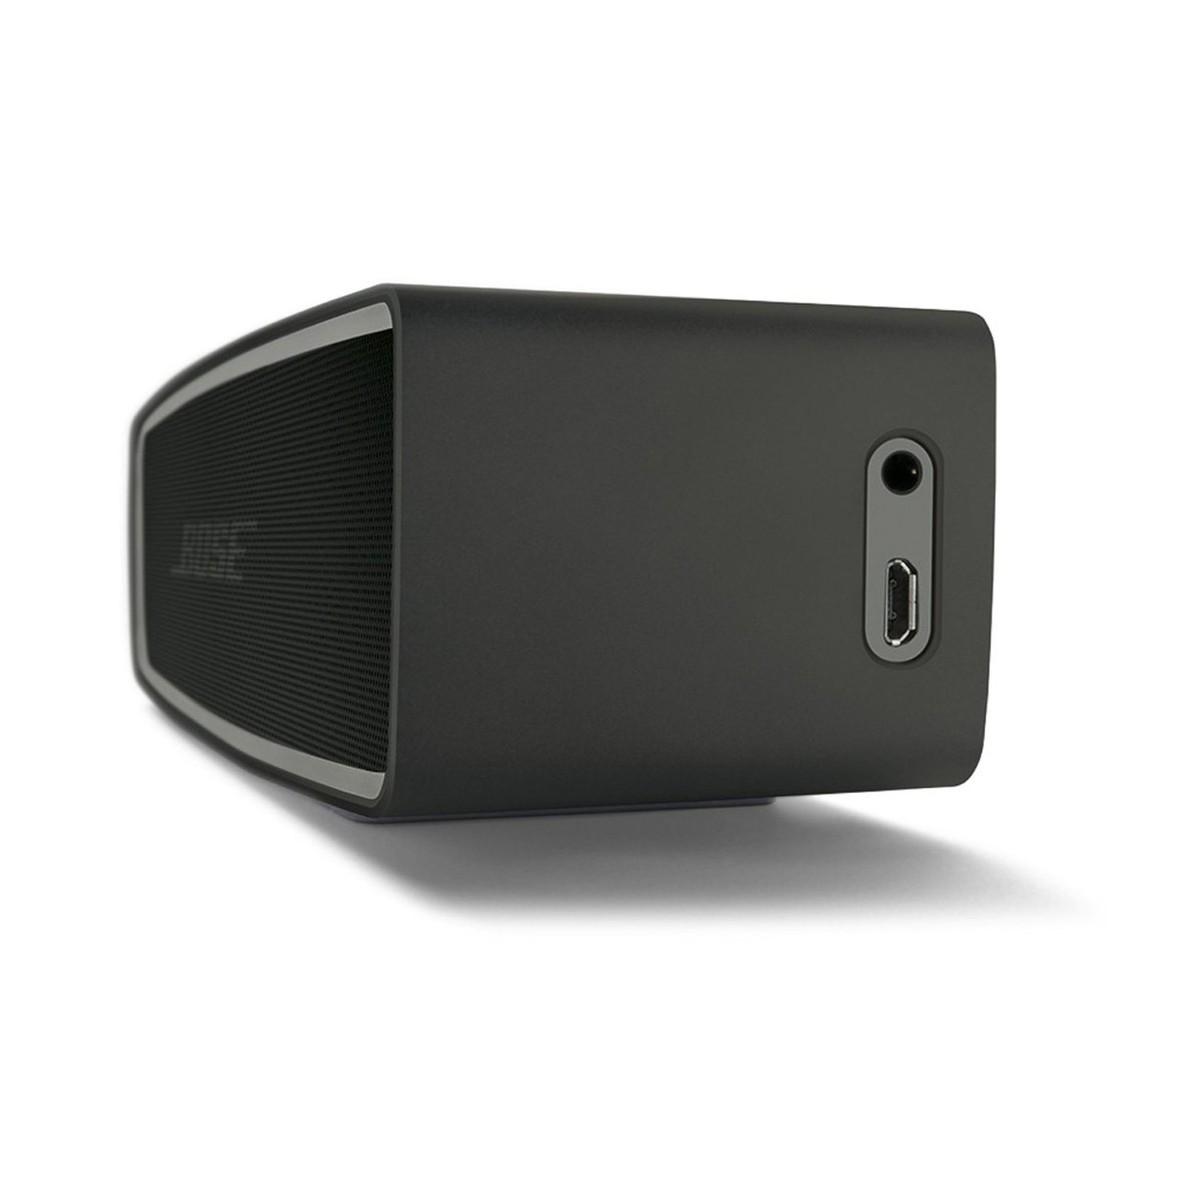 disc bose soundlink mini ii bluetooth speaker carbon at. Black Bedroom Furniture Sets. Home Design Ideas